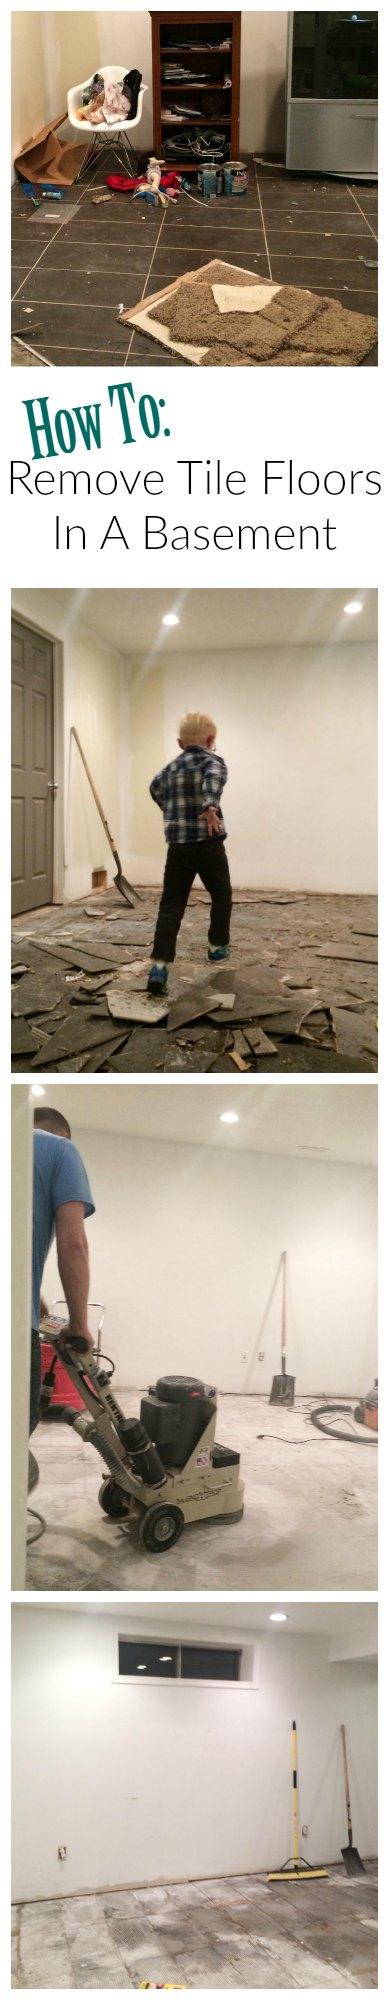 remove-tile-floors-in-basement